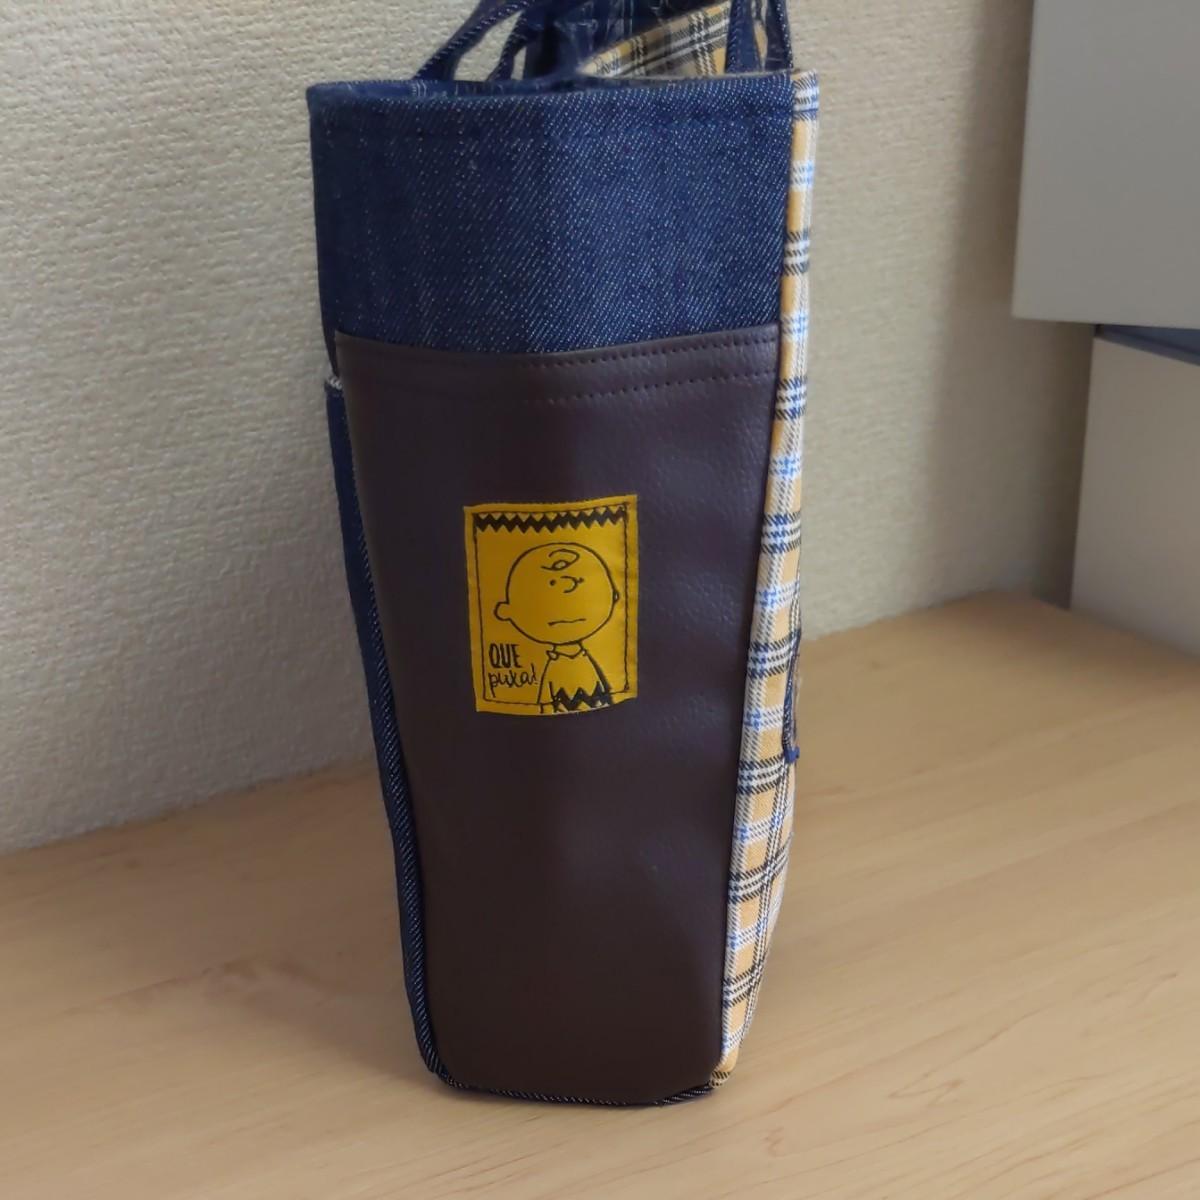 サイドポケットトートバッグ スヌーピー(チャーリー・ブラウン刺繍)ハンドメイド